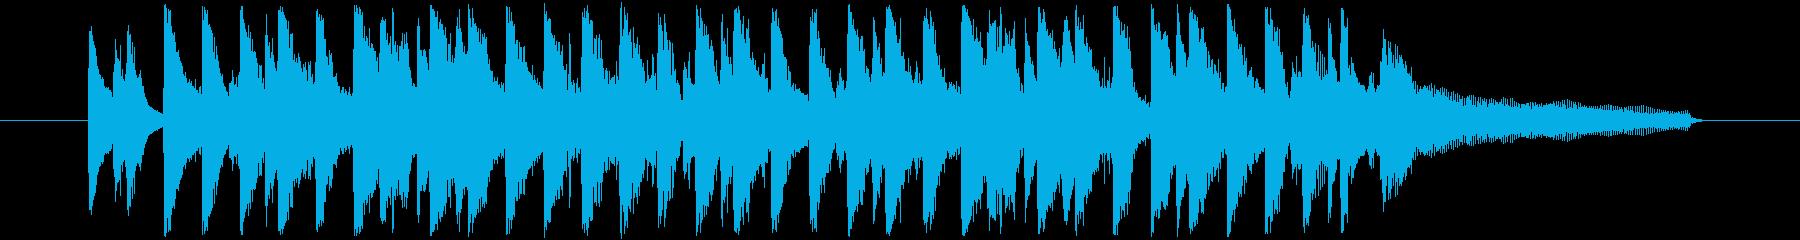 流行のコーポレート系サウンドシリーズ♪の再生済みの波形